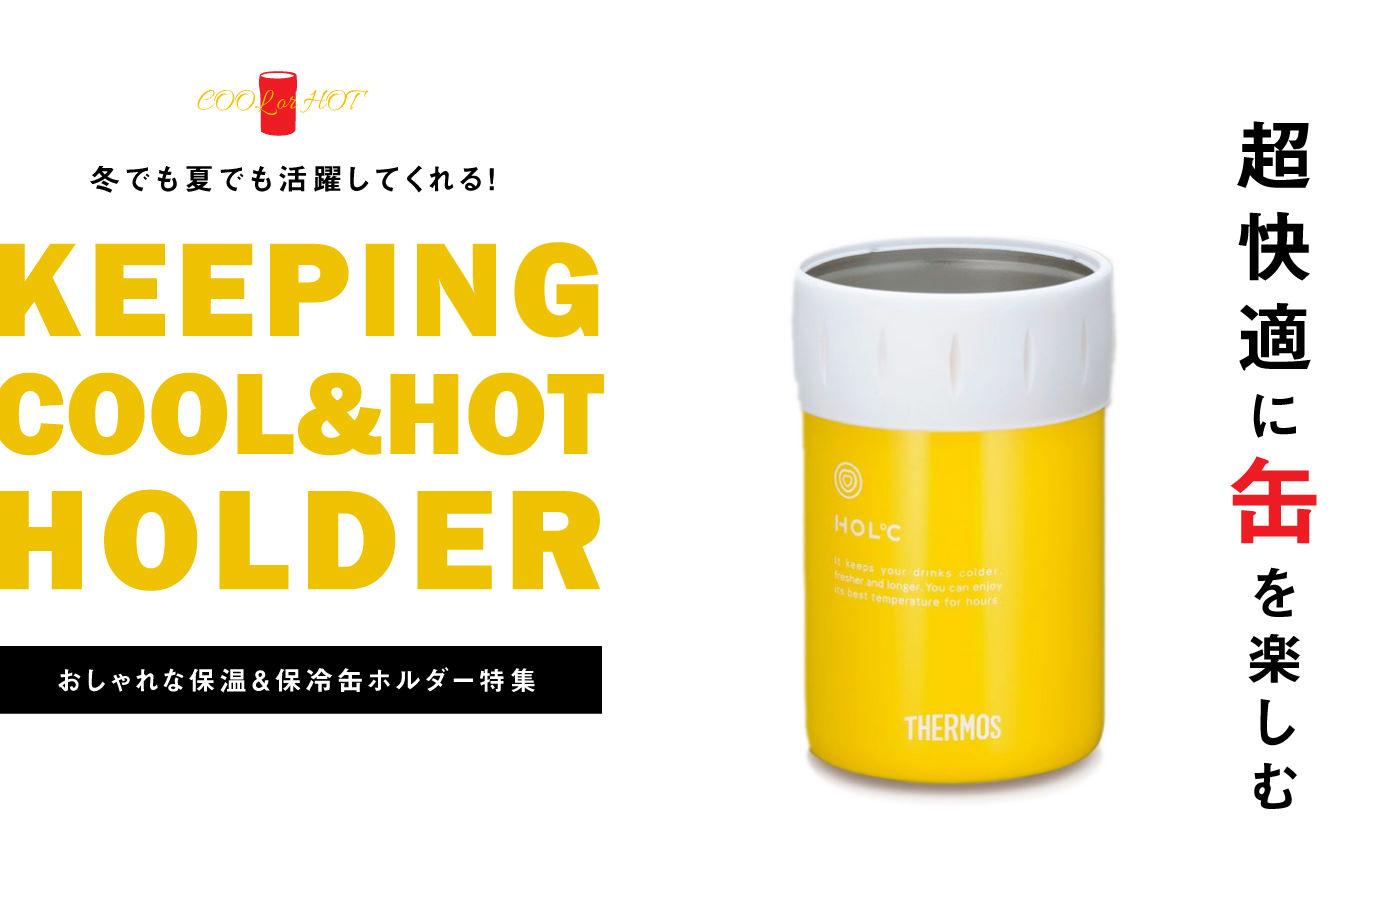 おしゃれで便利な保温・保冷缶ホルダー特集